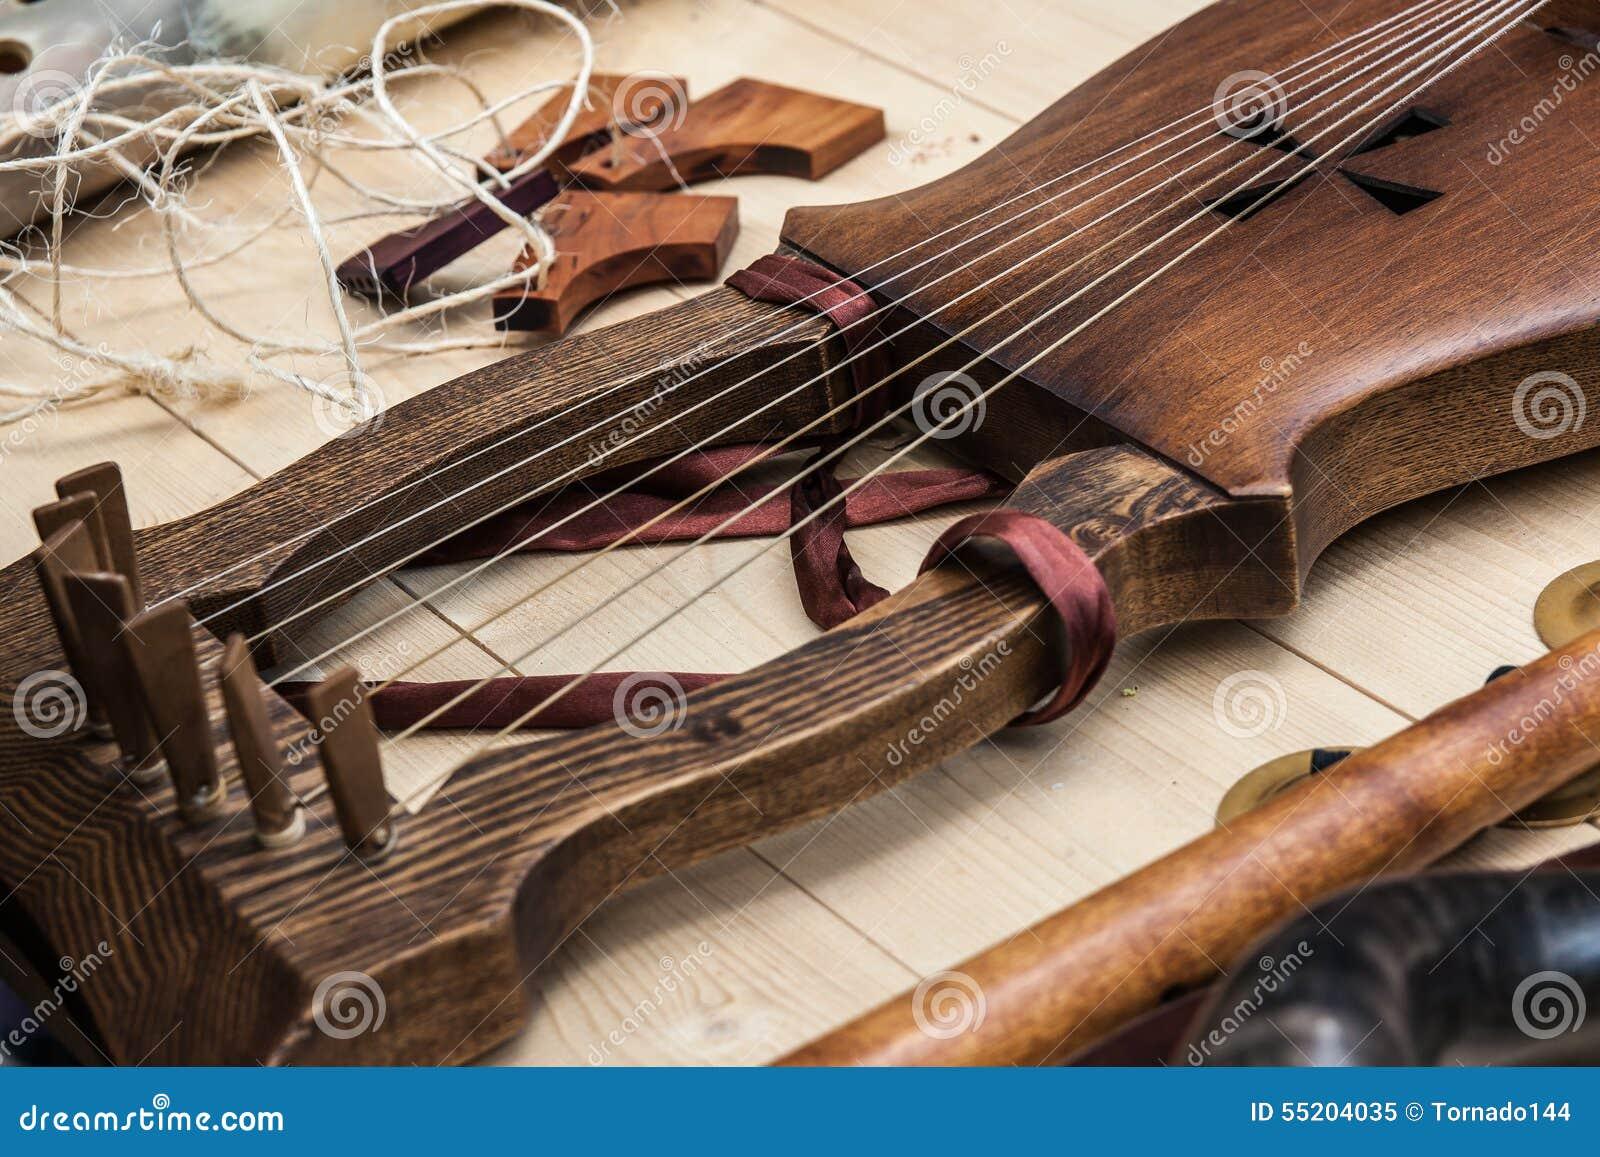 里拉琴-古老乐器的特写镜头视图.图片